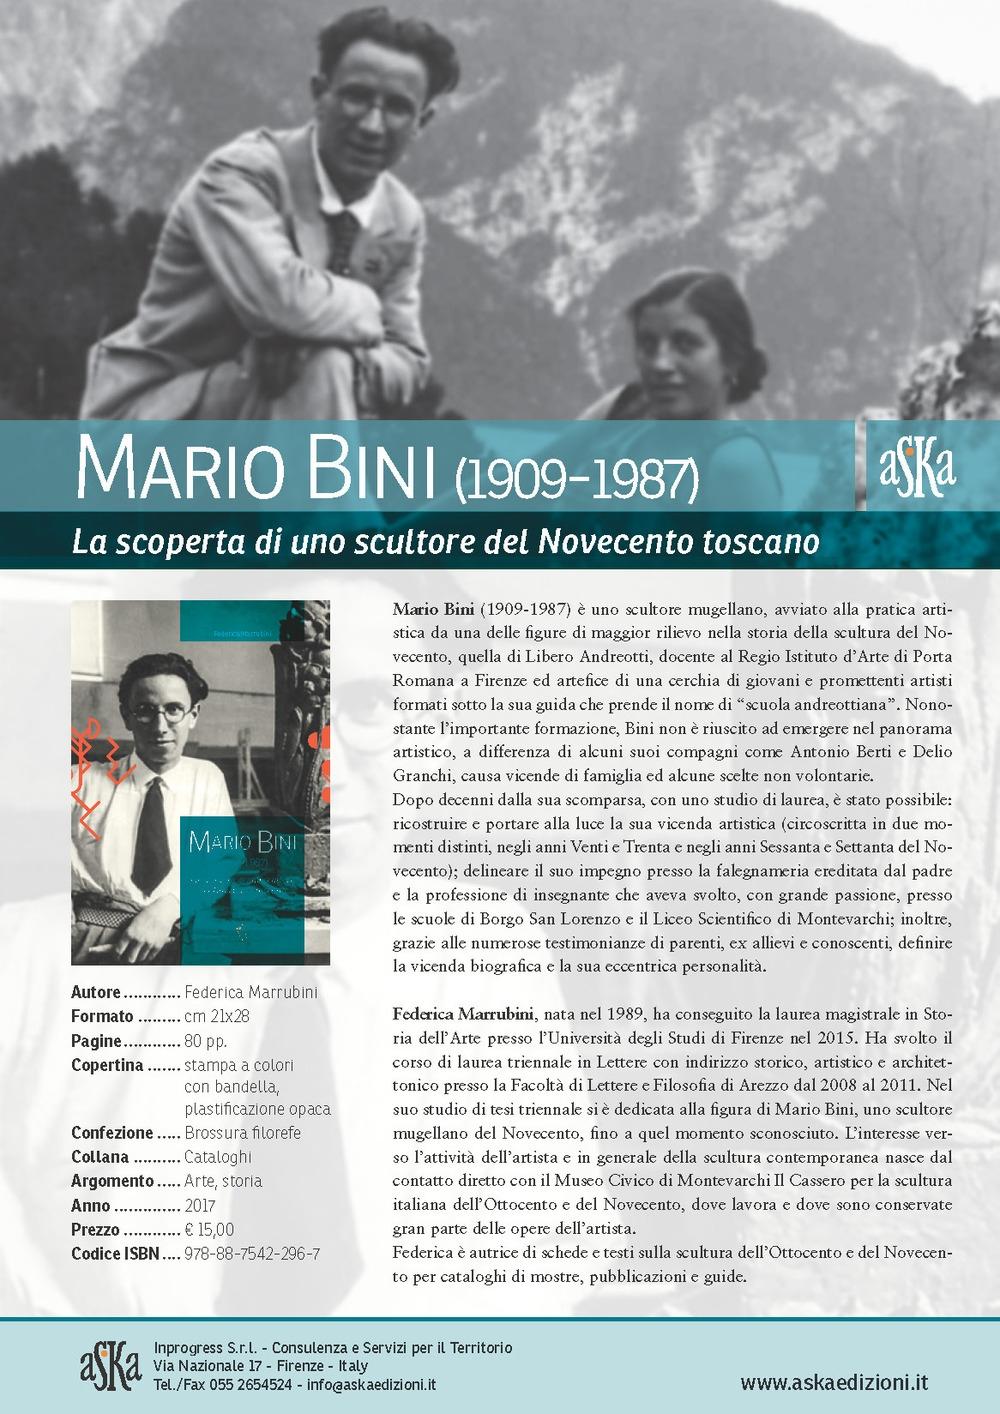 Mario Bini (1909-1987). La scoperta di uno scultore del Novecento